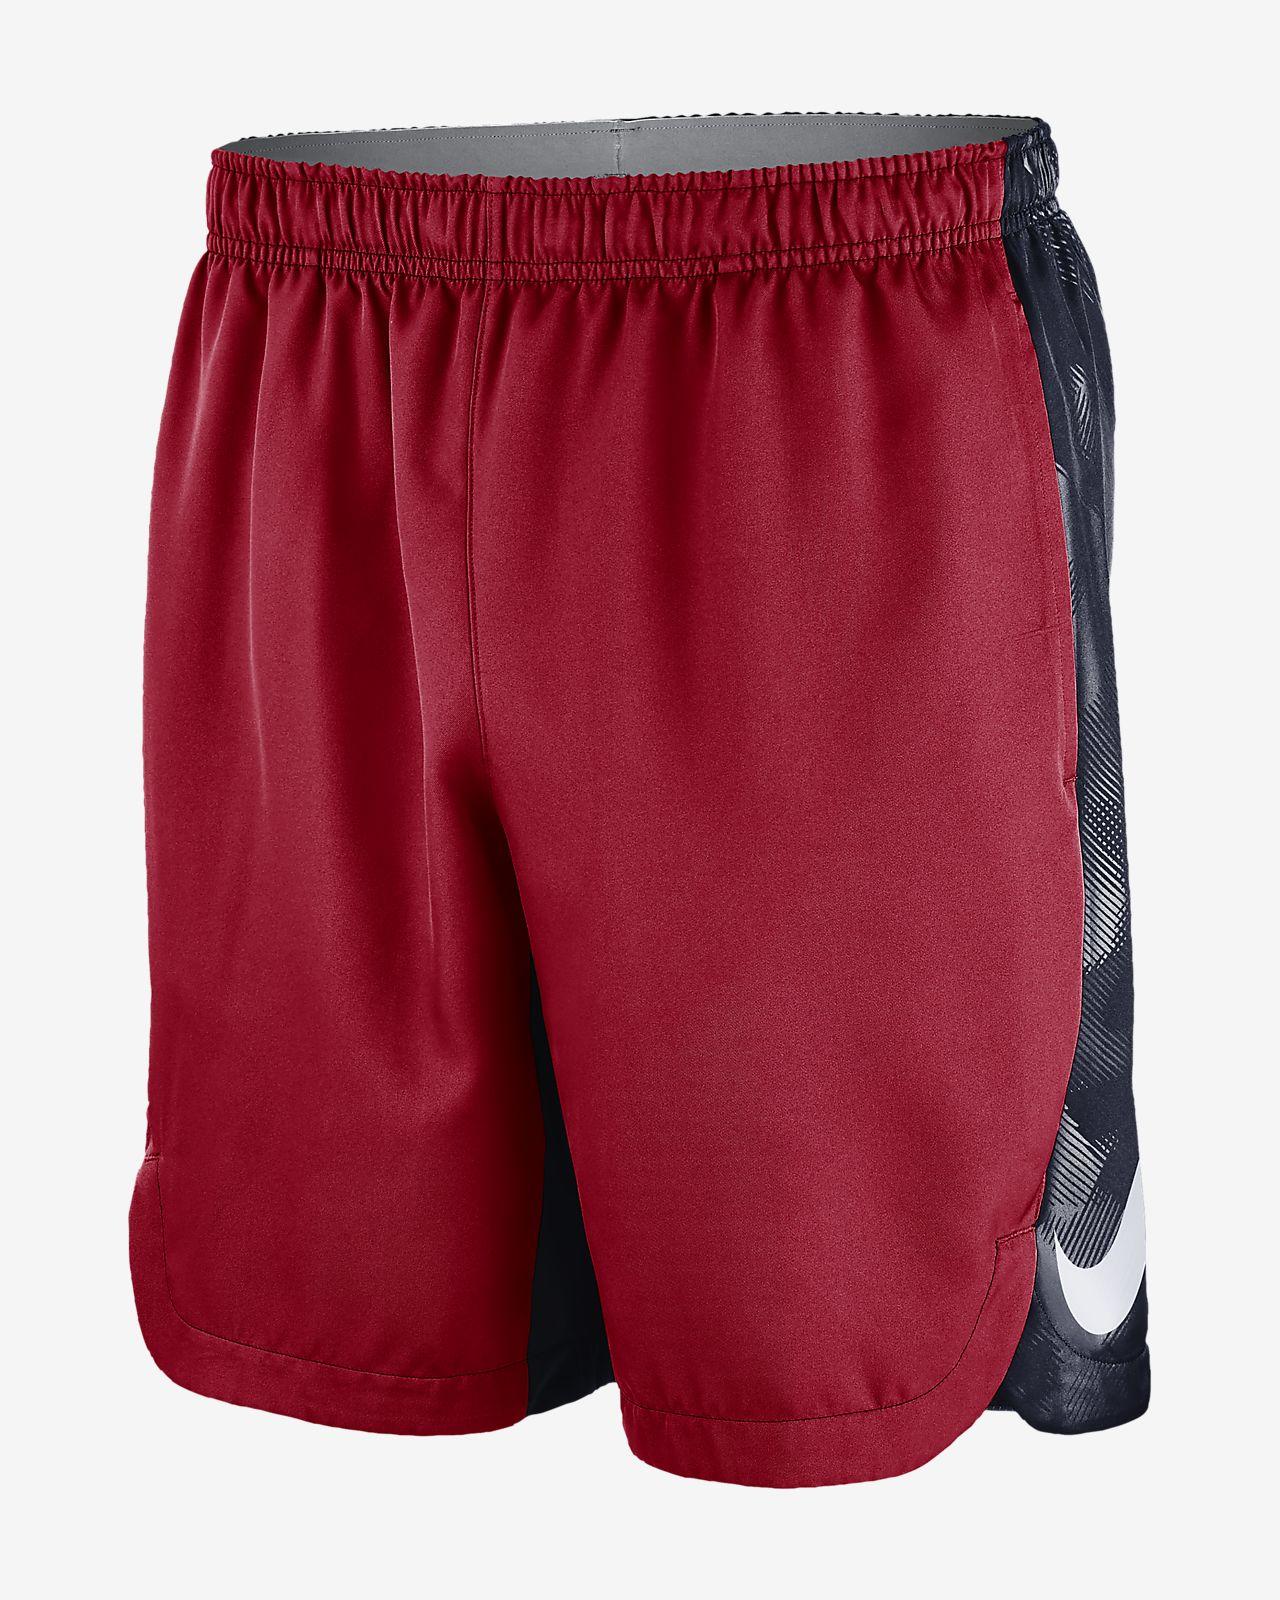 Nike Dri-FIT (MLB Braves) Men's Shorts